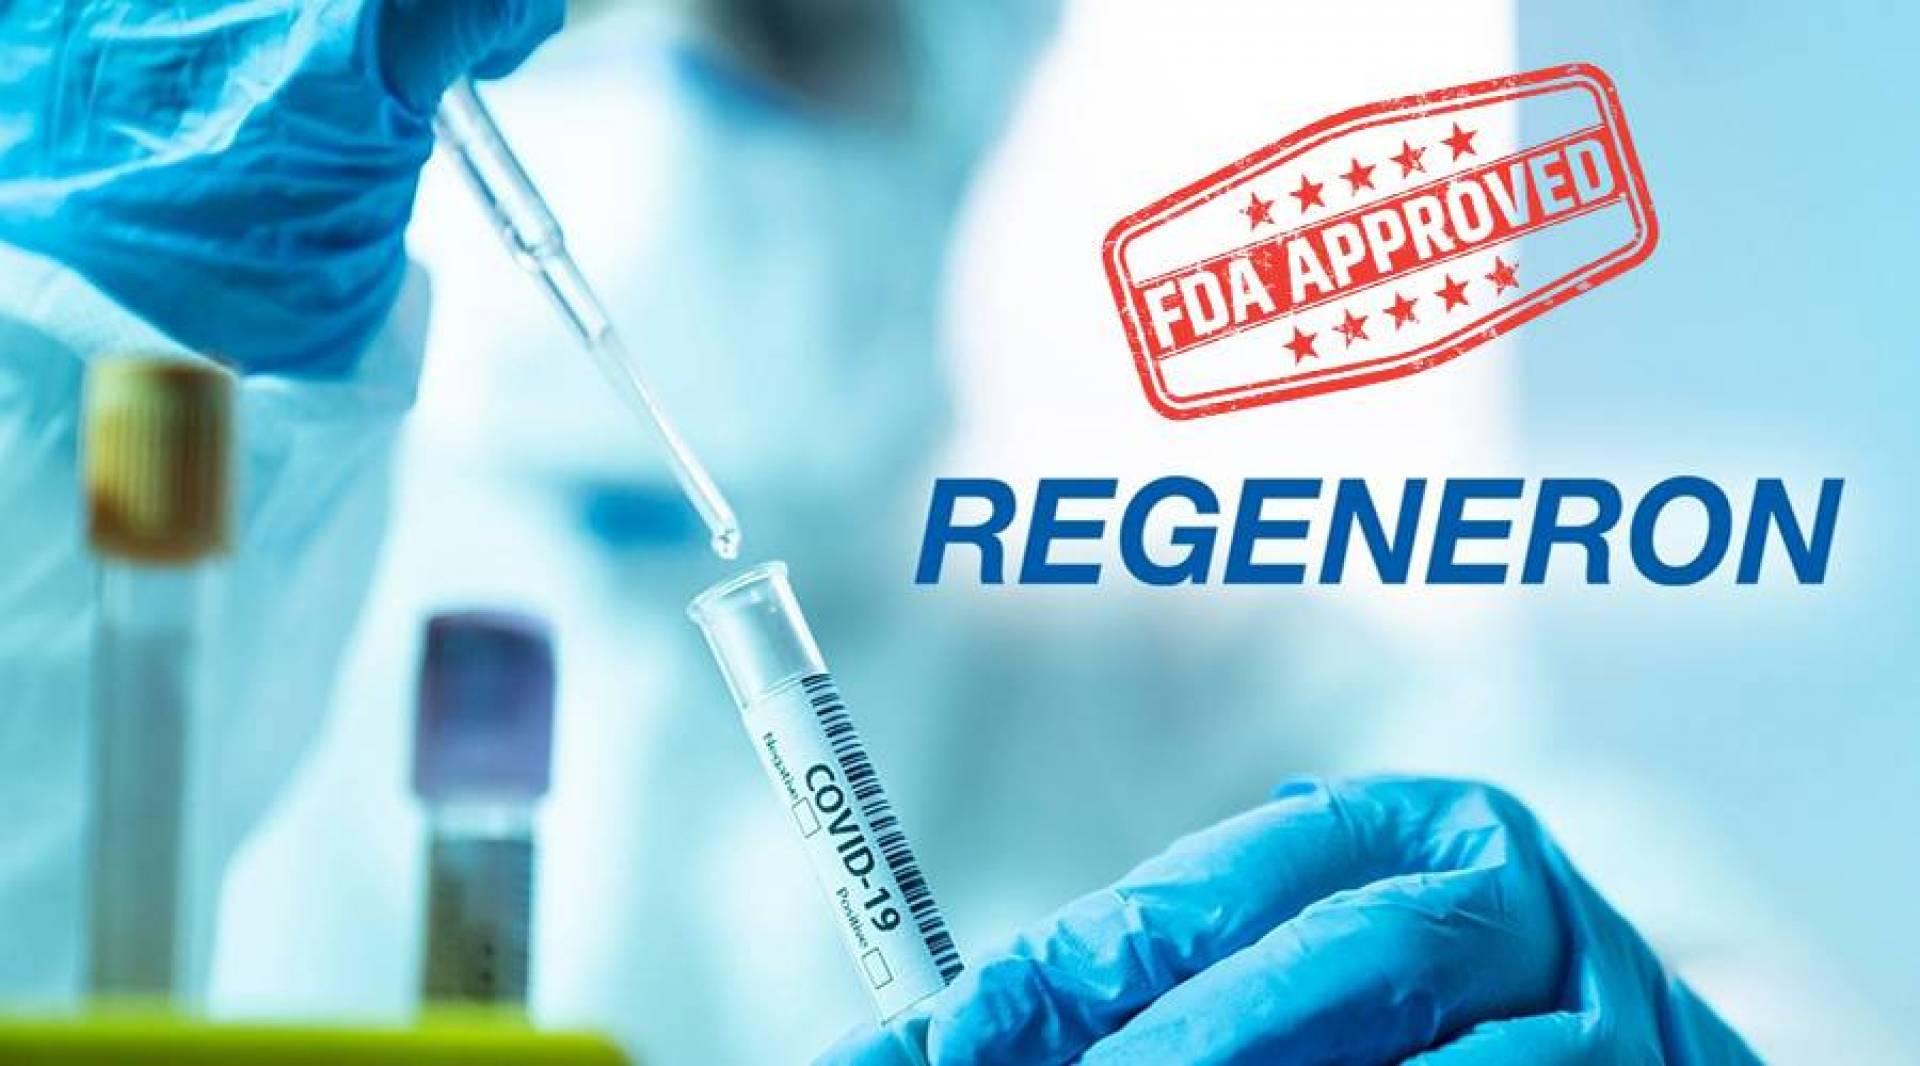 أميركا تصرح باستخدام علاج «ريجينيرون» لفيروس كورونا.. الذي تلقاه «ترامب»